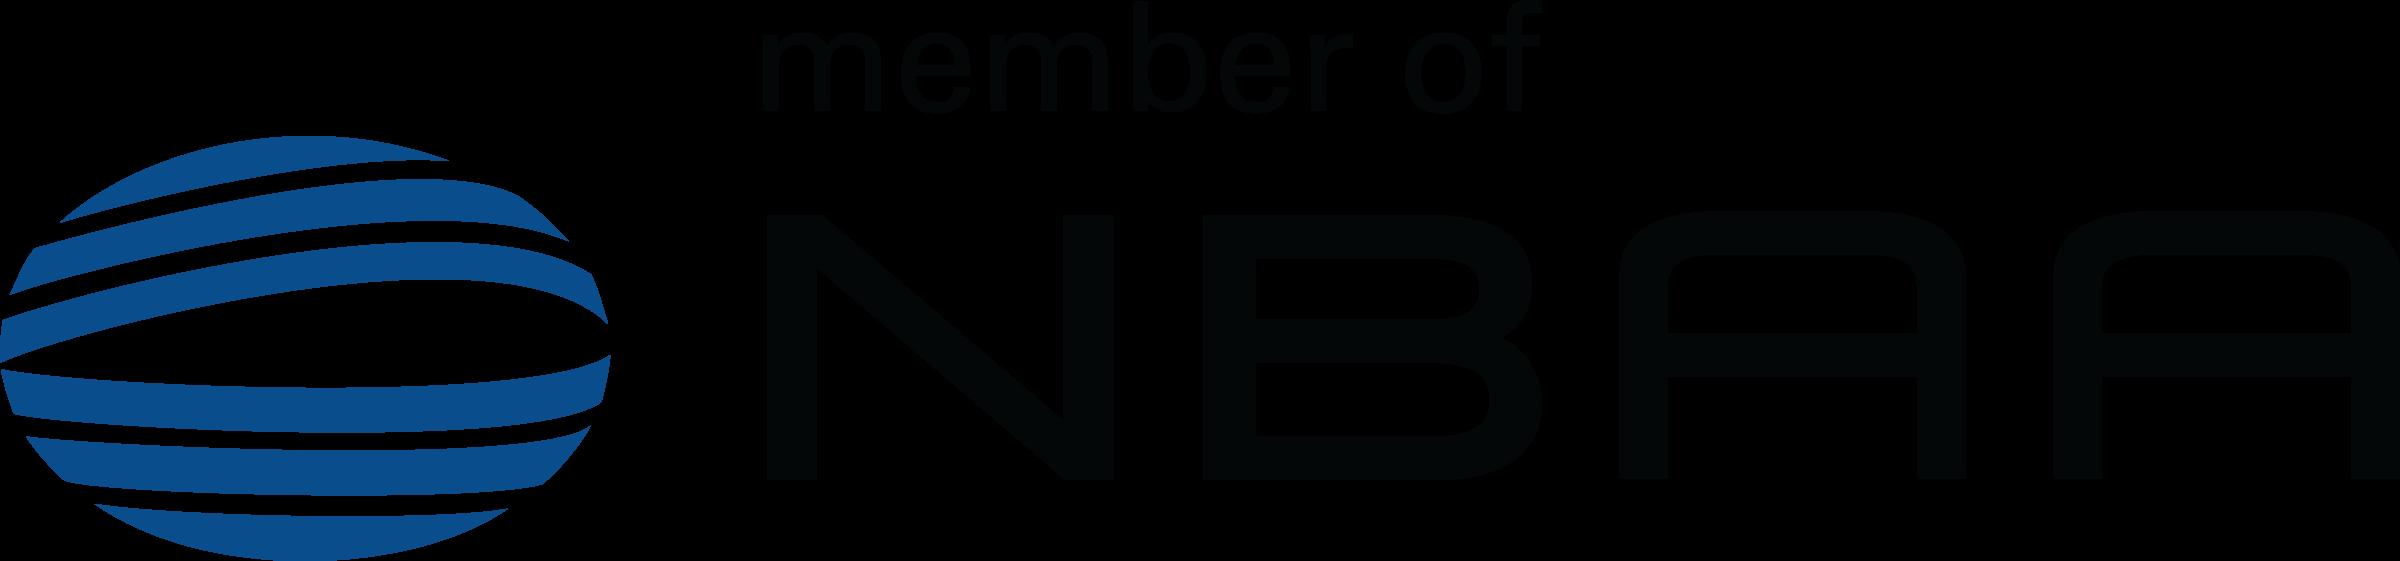 NBAA member logo